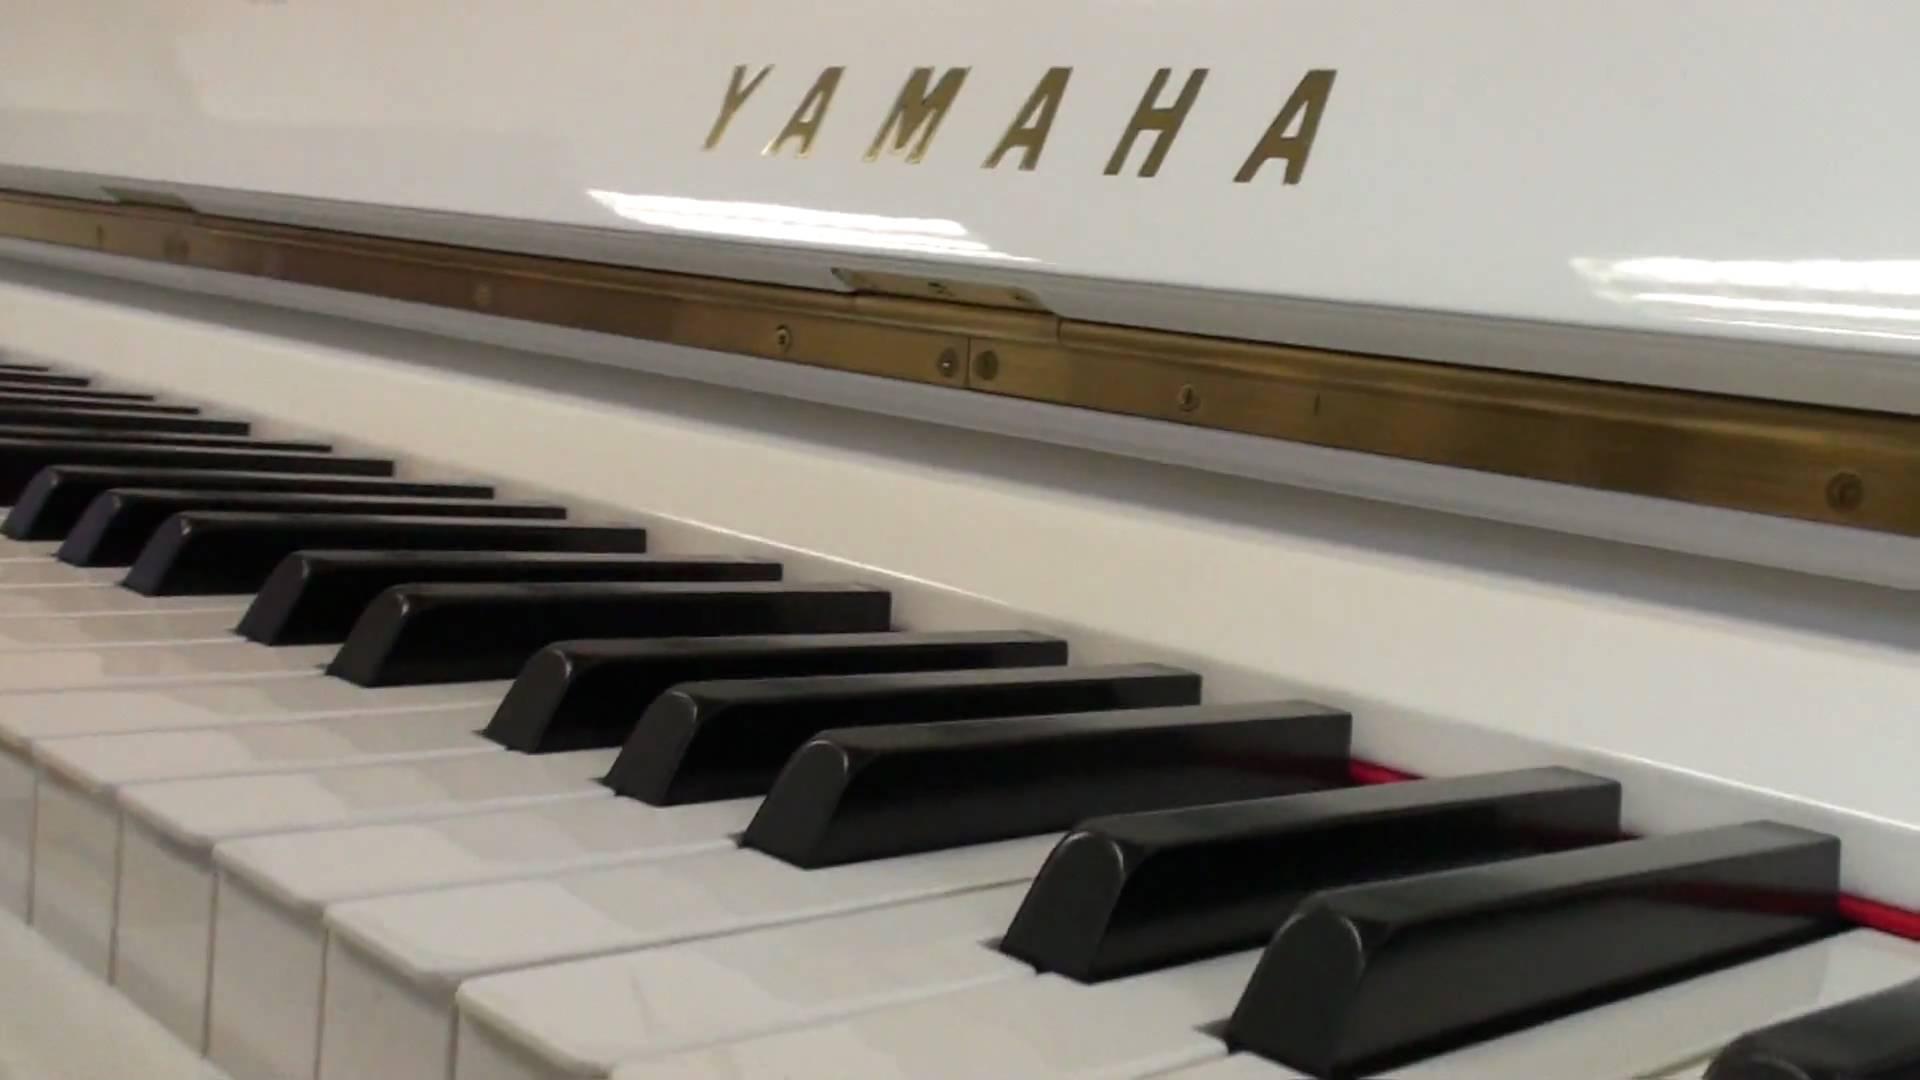 Các thương hiệu đàn PIANO nổi tiếng tại NHẬT BẢN - Yamaha